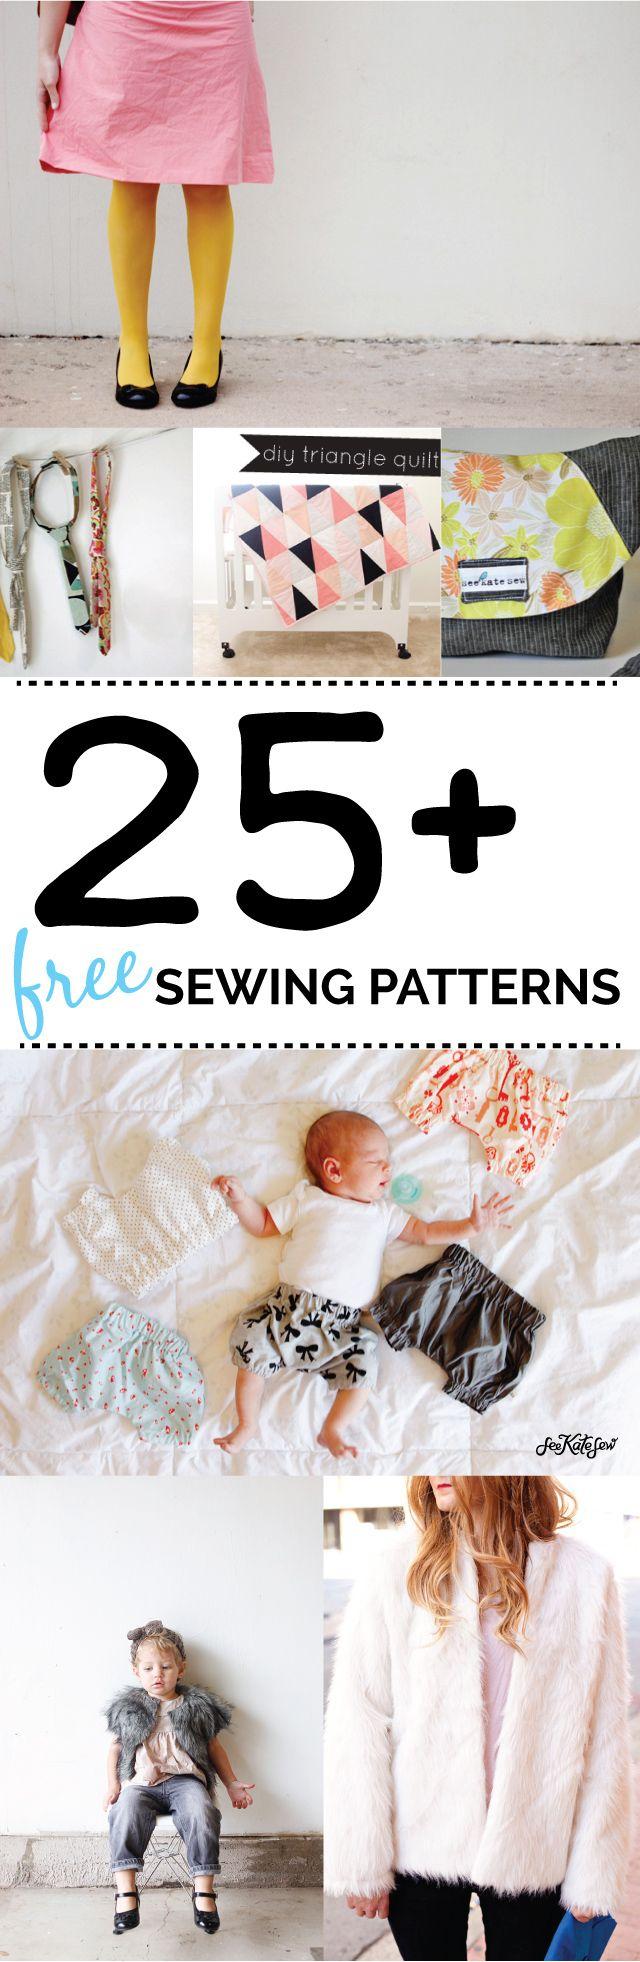 25 free sewing patterns